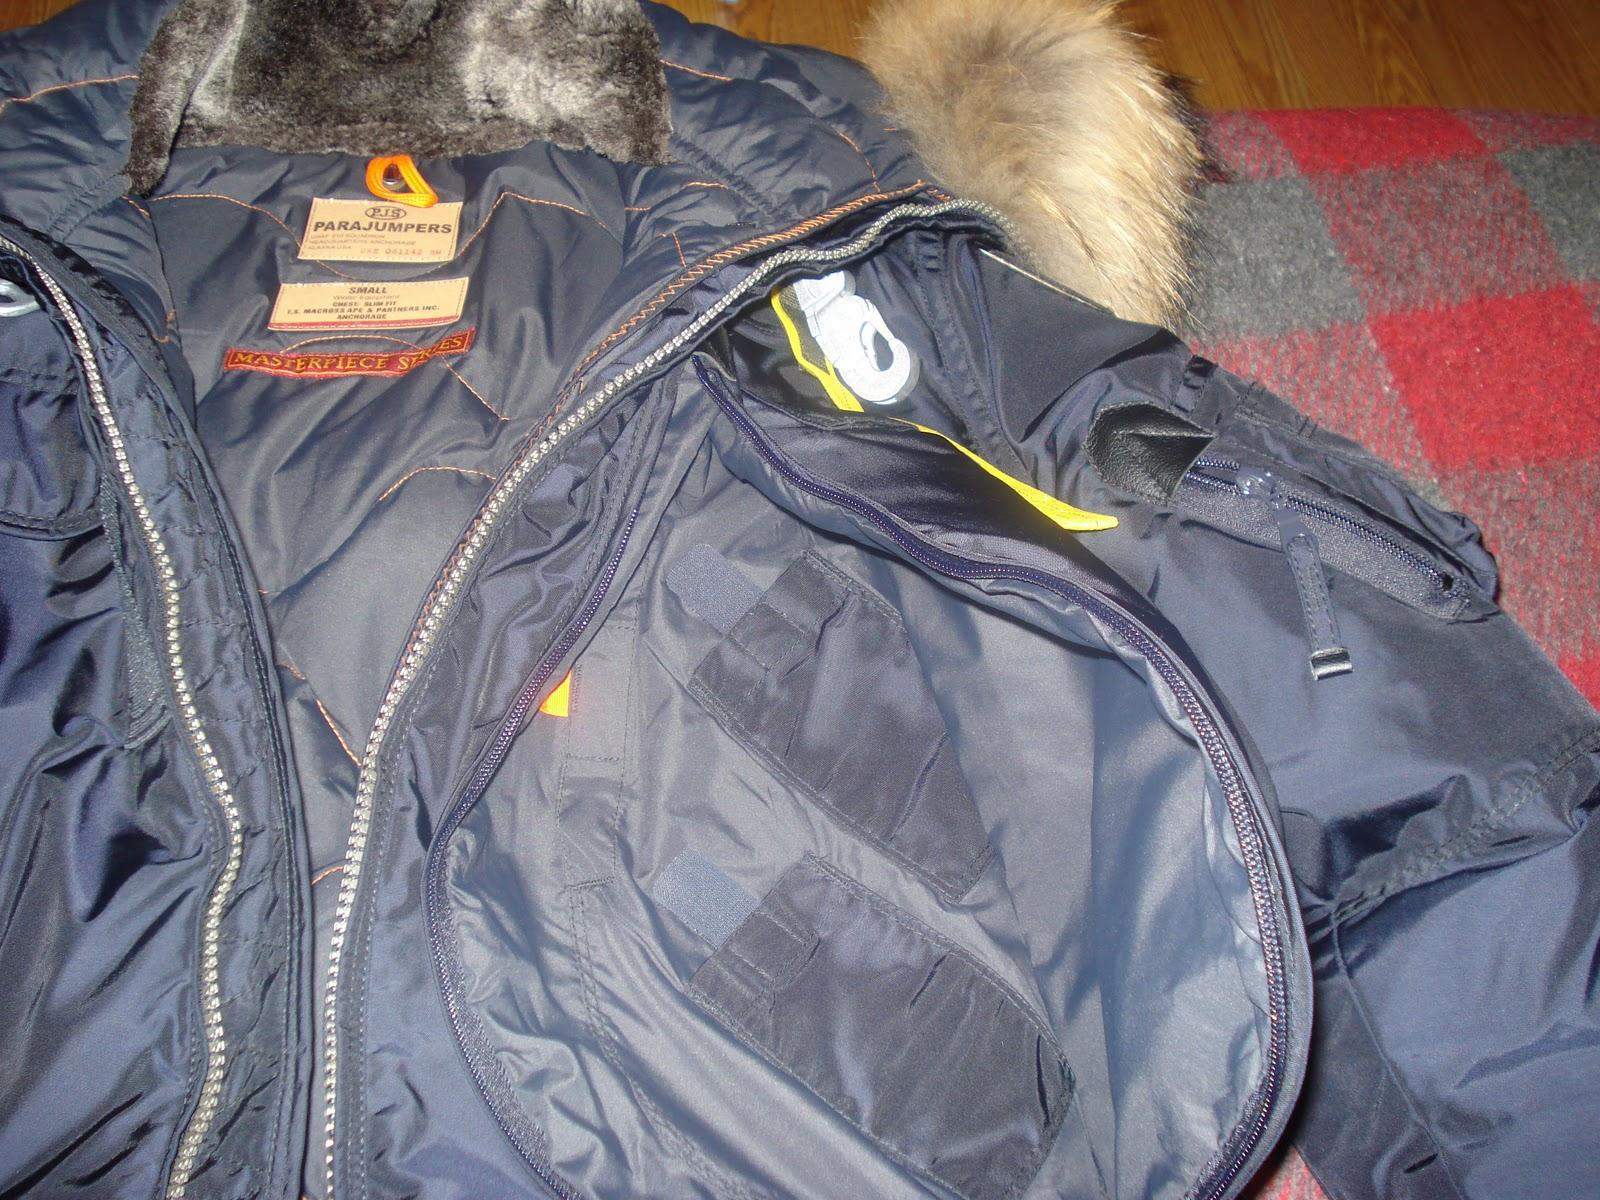 Canada Goose trillium parka outlet authentic - Winter Jacket Comparisons